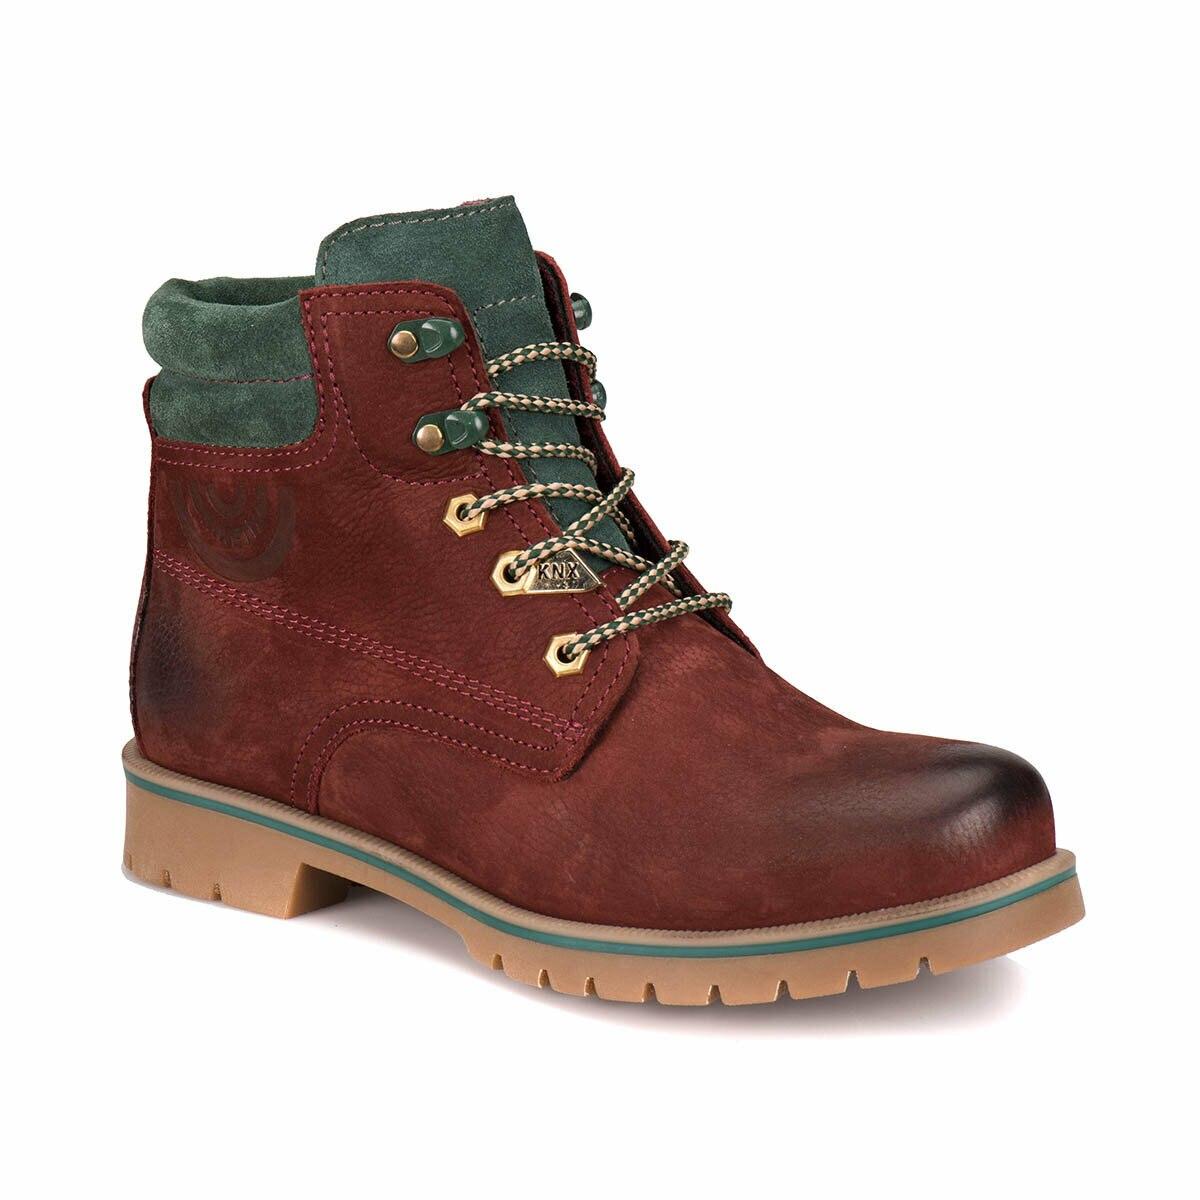 Homens Botas de Inverno Escuro Cor Vermelha FLO Outono Temporada de Moda Botas Casuais Sapatos dos homens Confortáveis Мужские ботинки A1305068 KINETIX